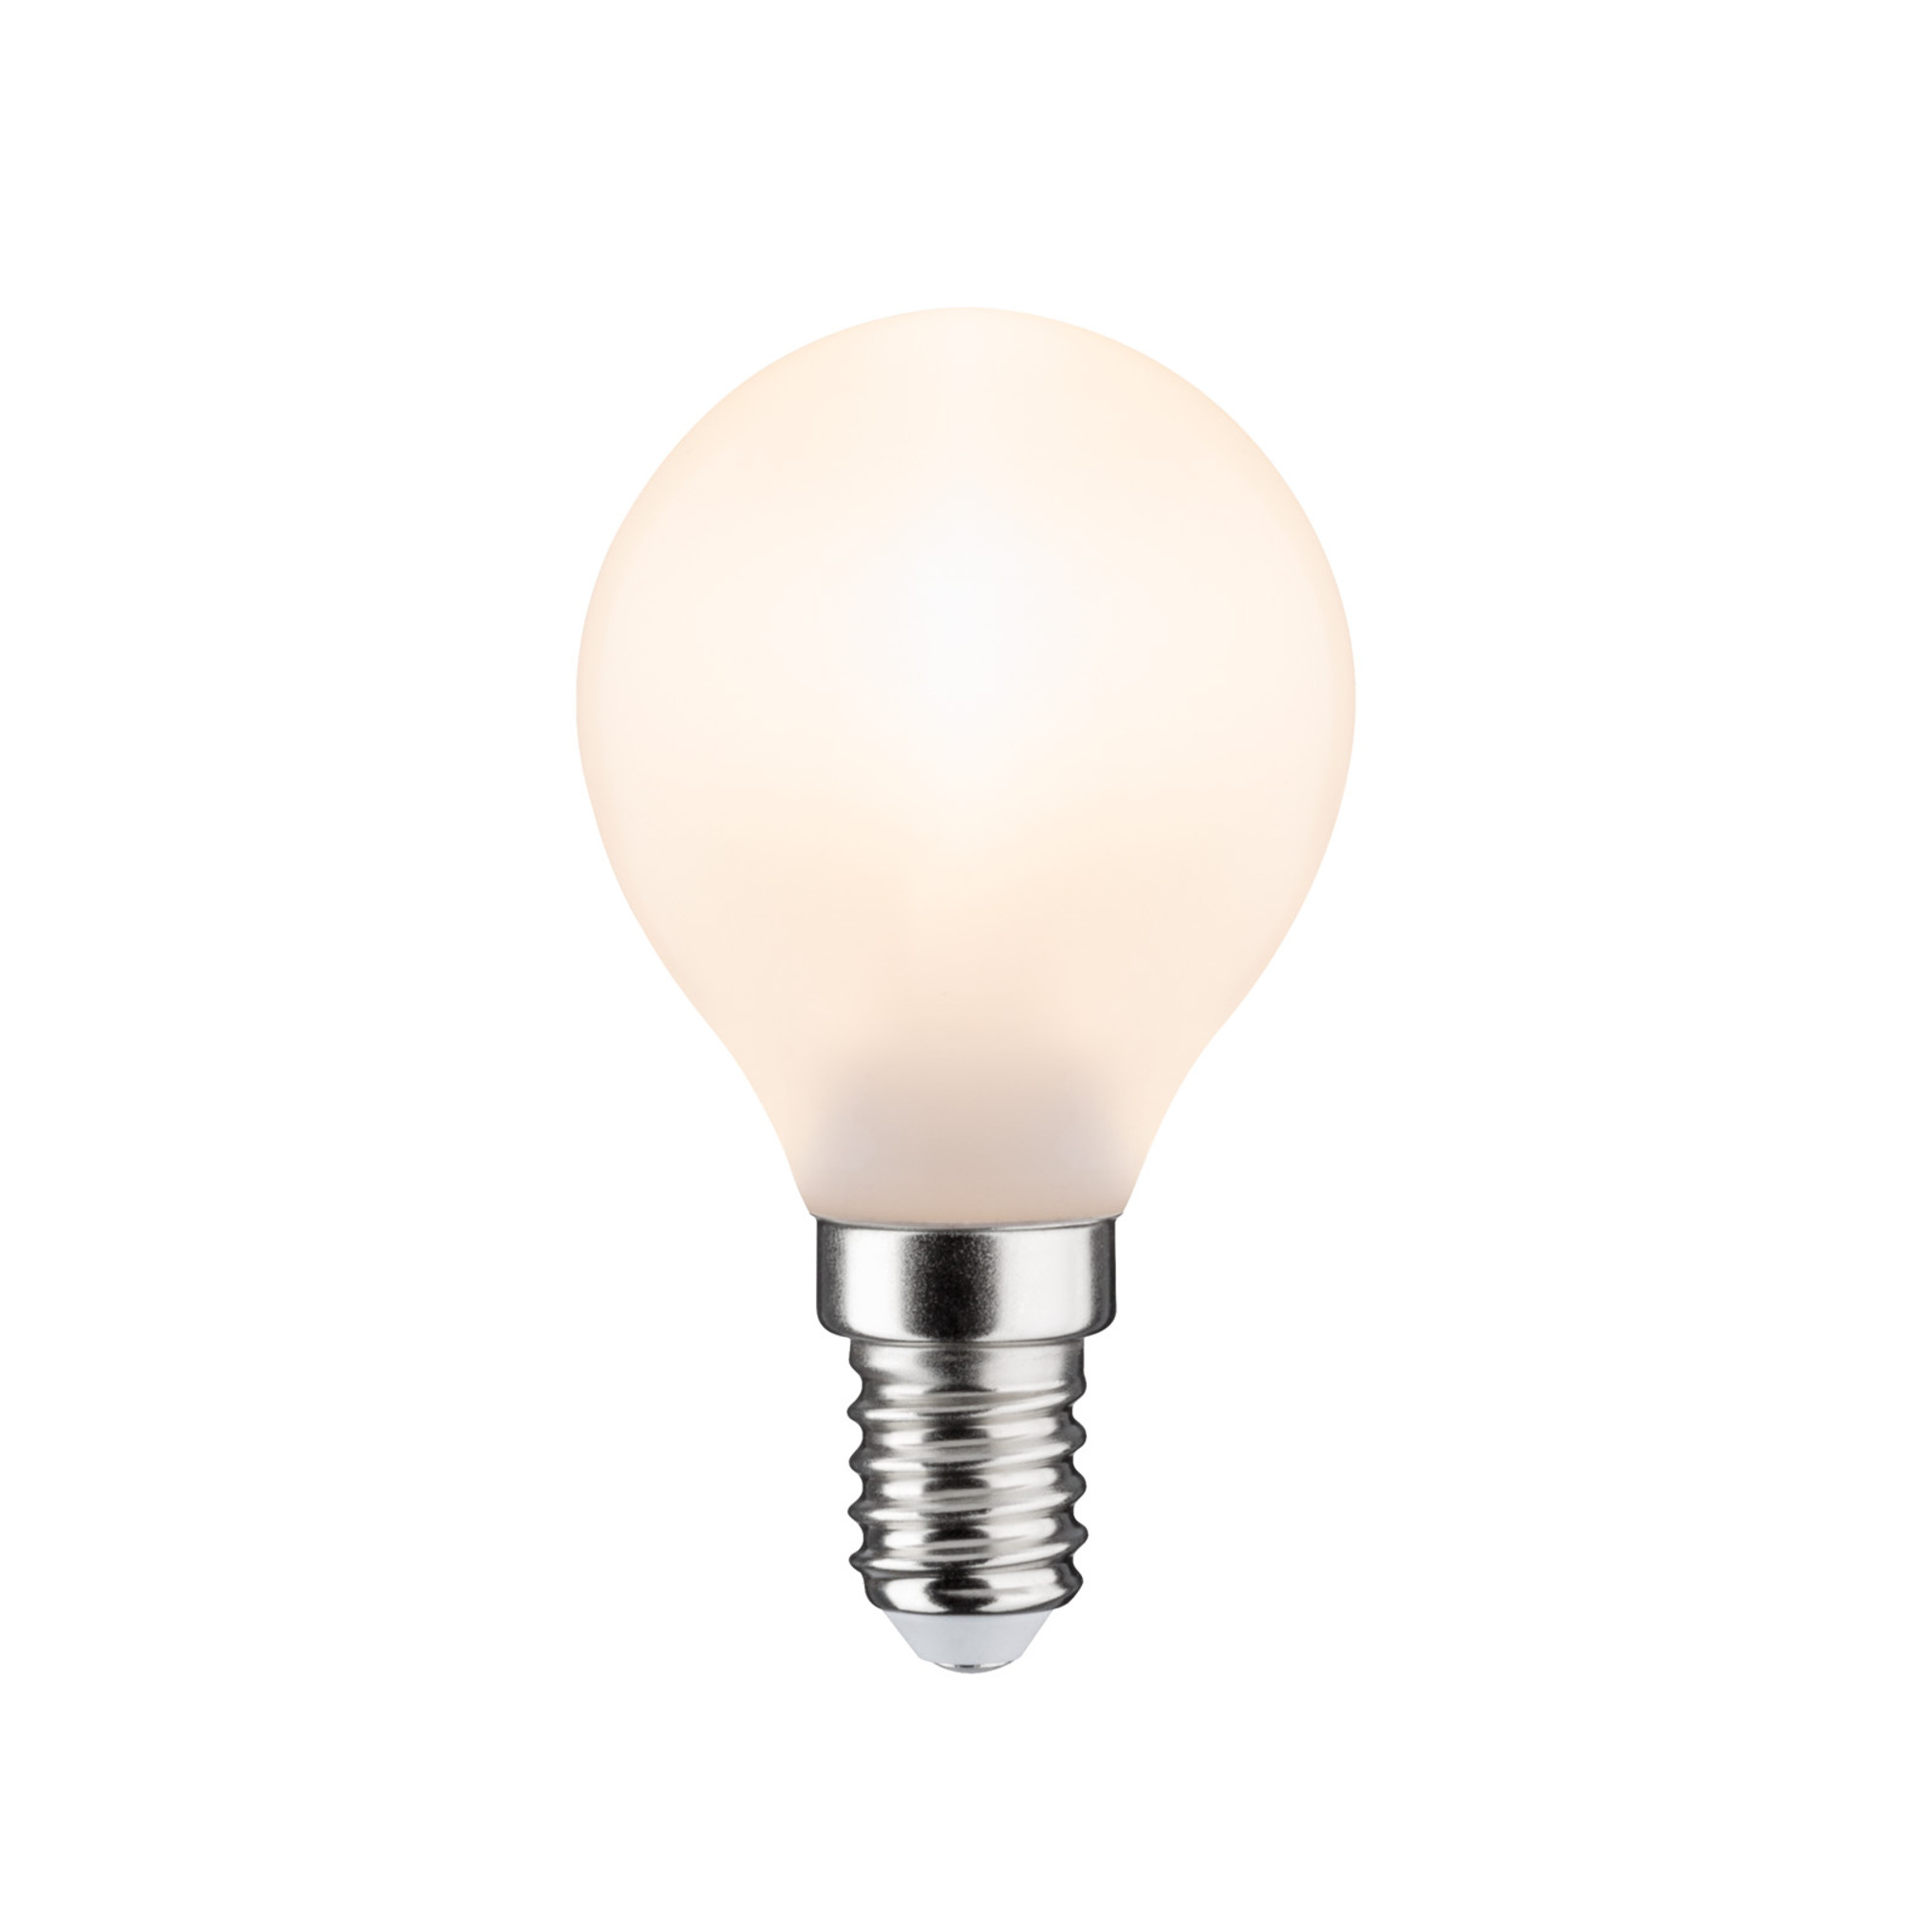 Лампа филаментная Paulmann Ретро Капля 4.5Вт 450лм 2700К Е14 230В Опал Регулируемая яркость 28502.